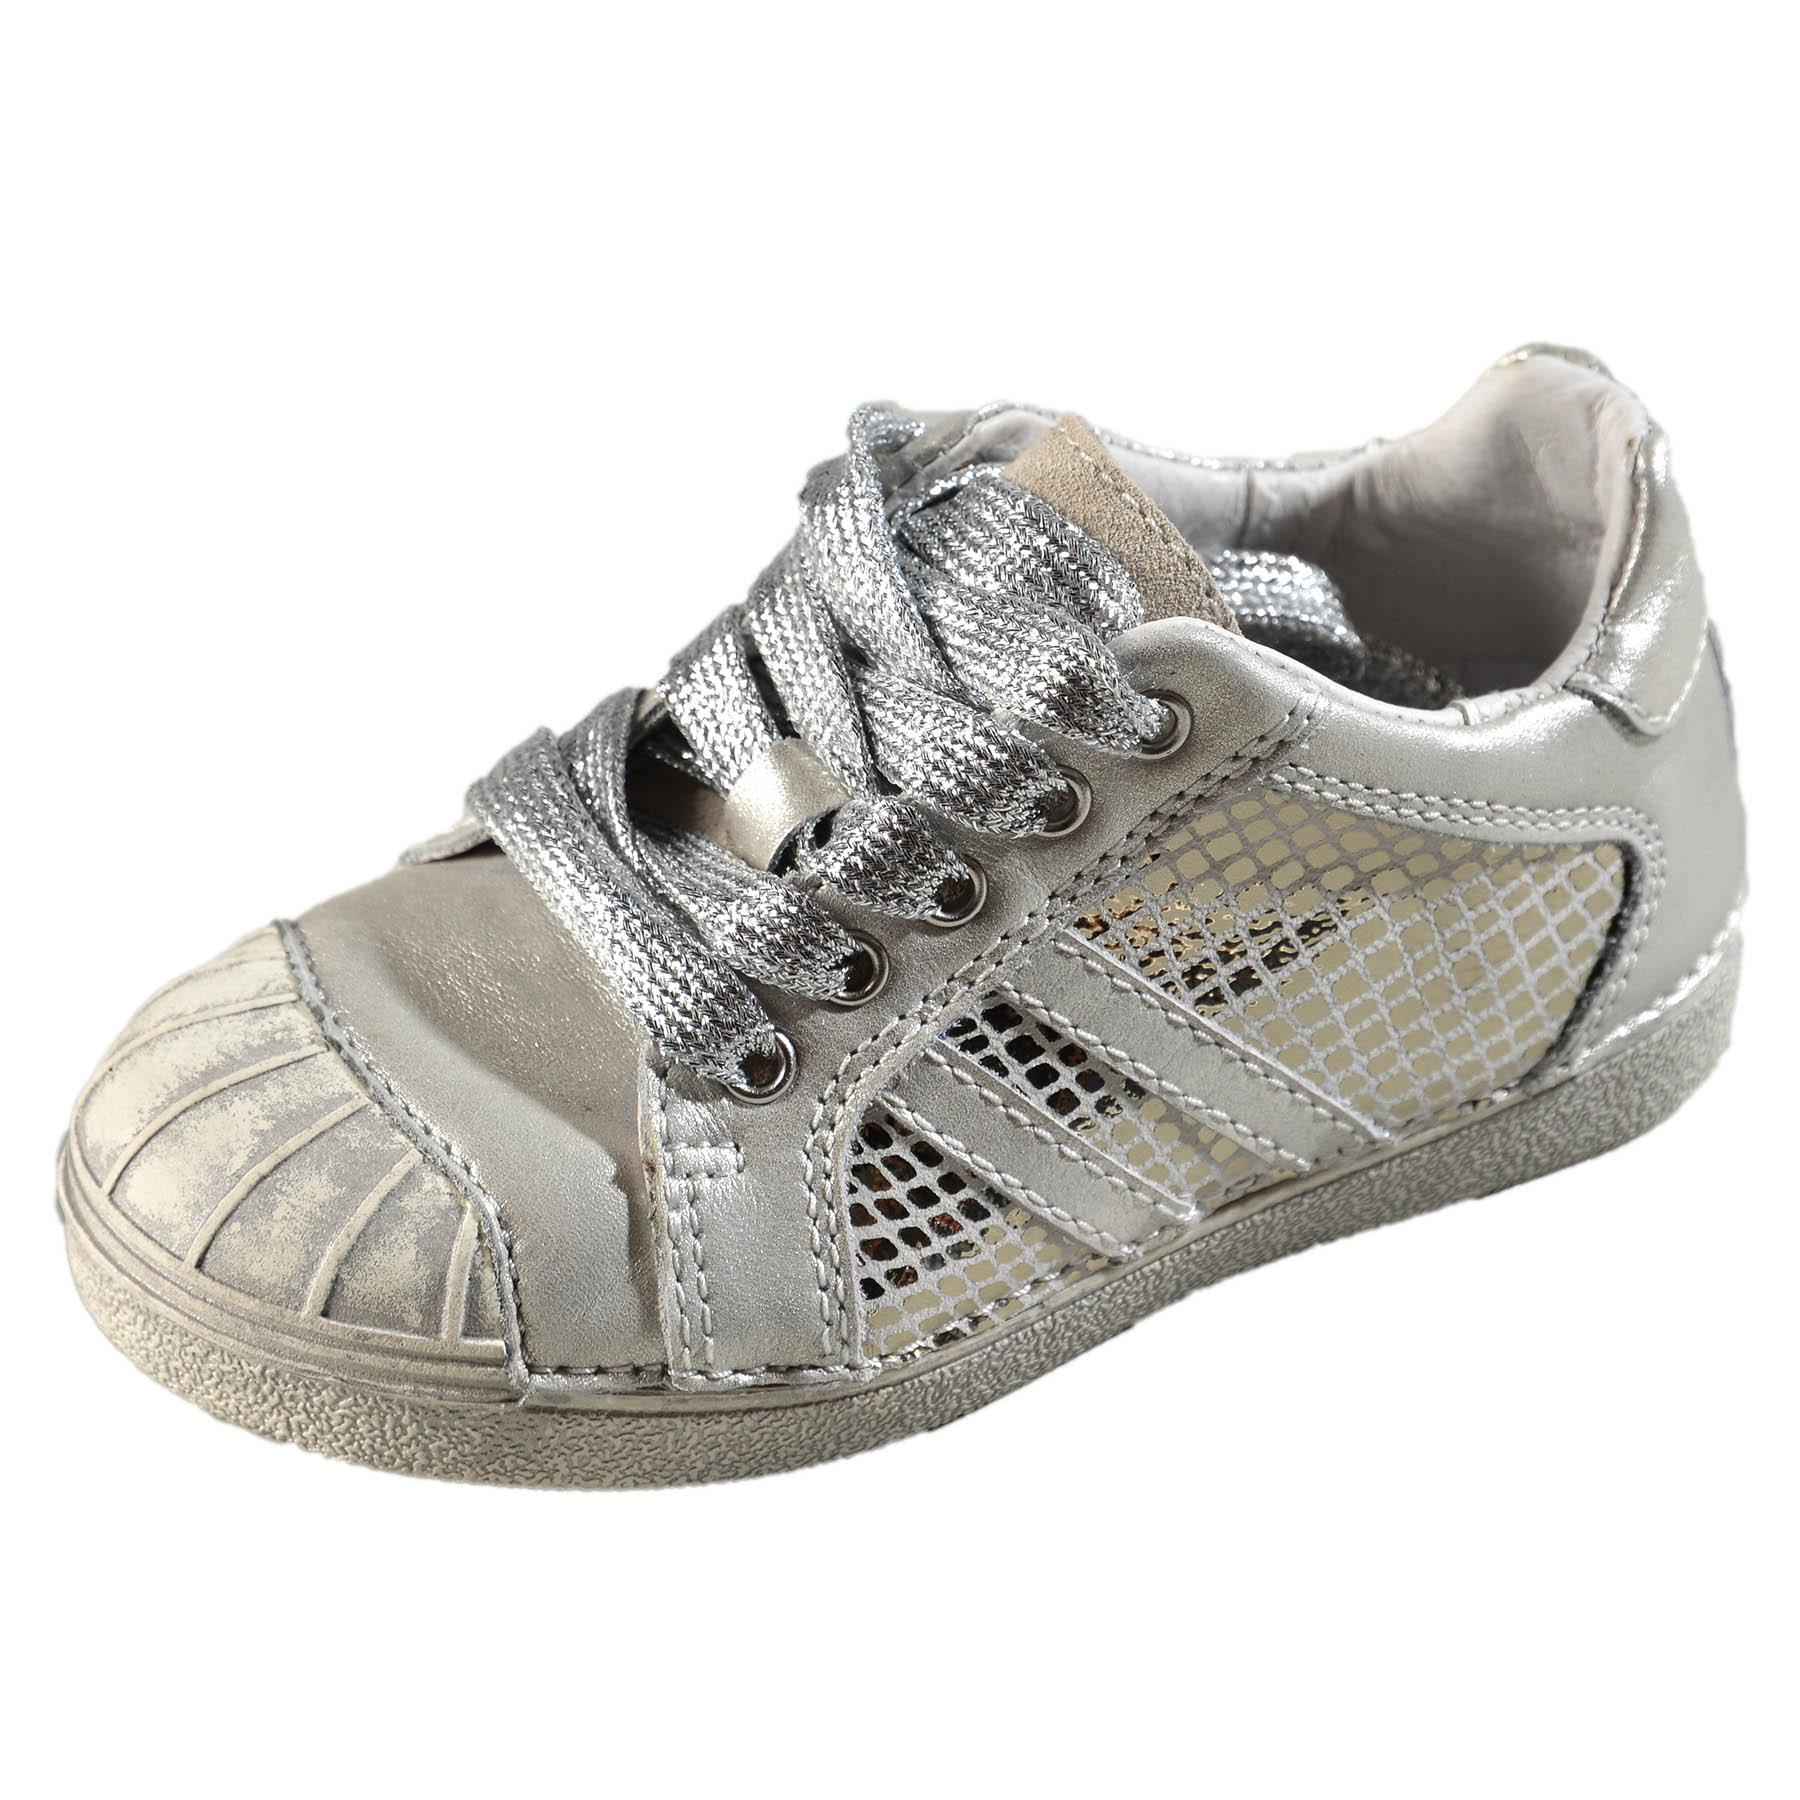 6456eabf8d Dievčenská kožená prechodná obuv-White DDstep - 043-510AL ...